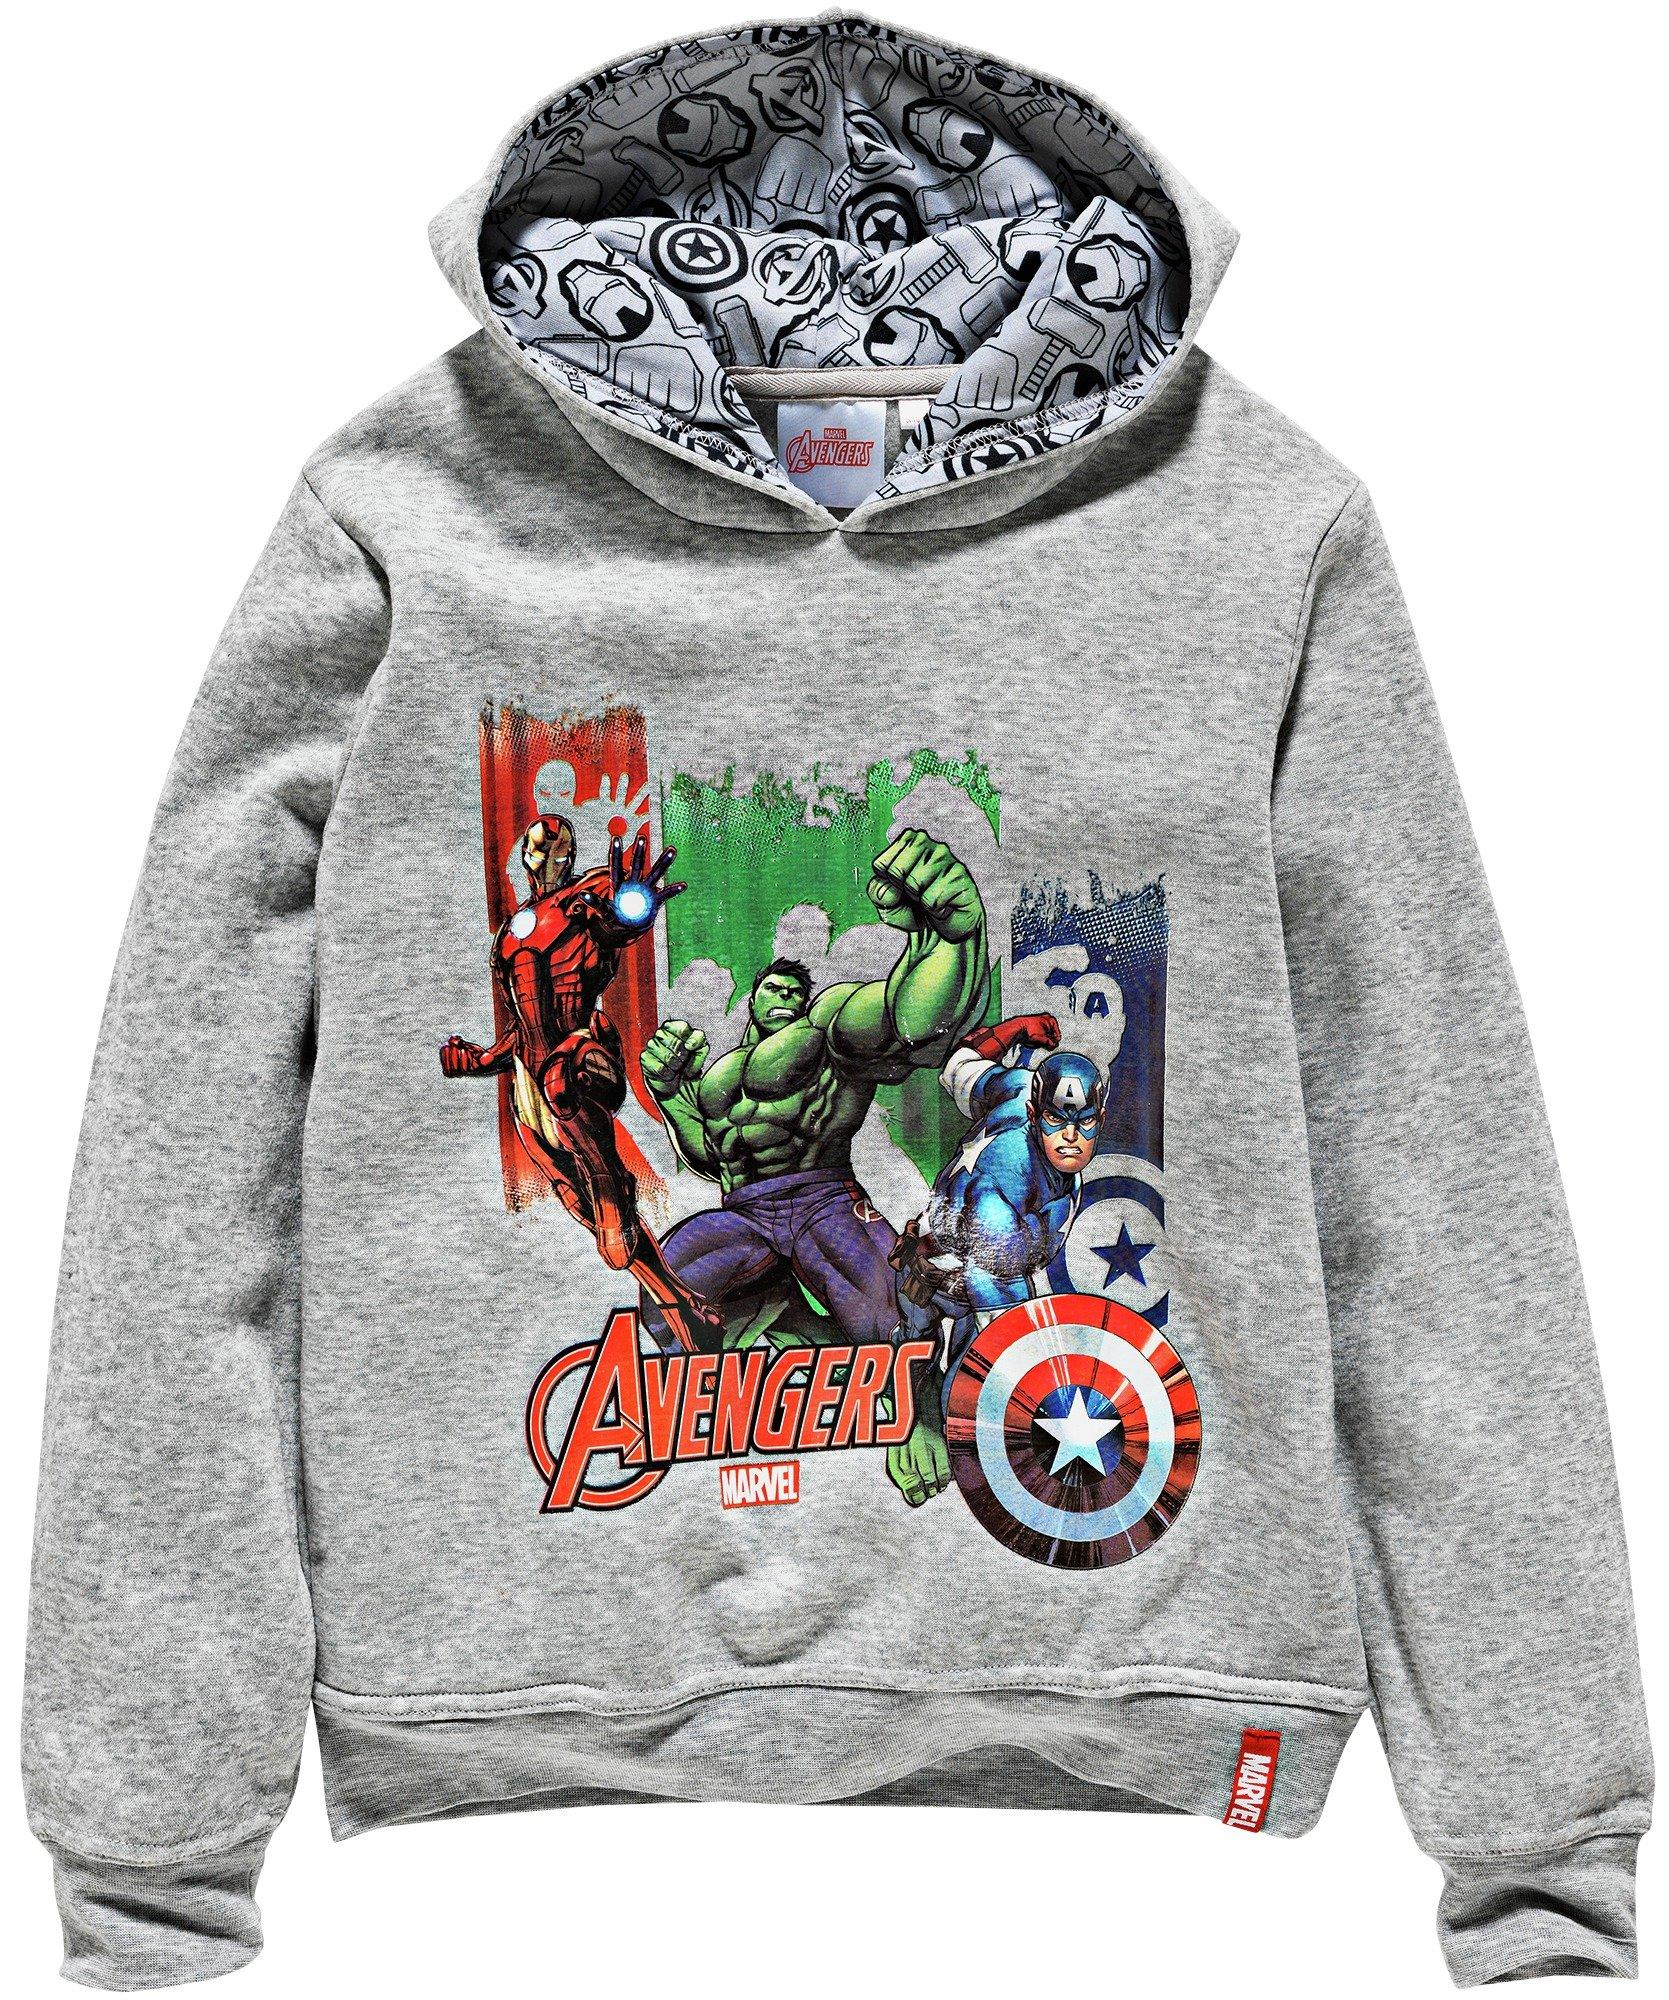 Image of Avengers Grey Hoodie - 9-10 Years